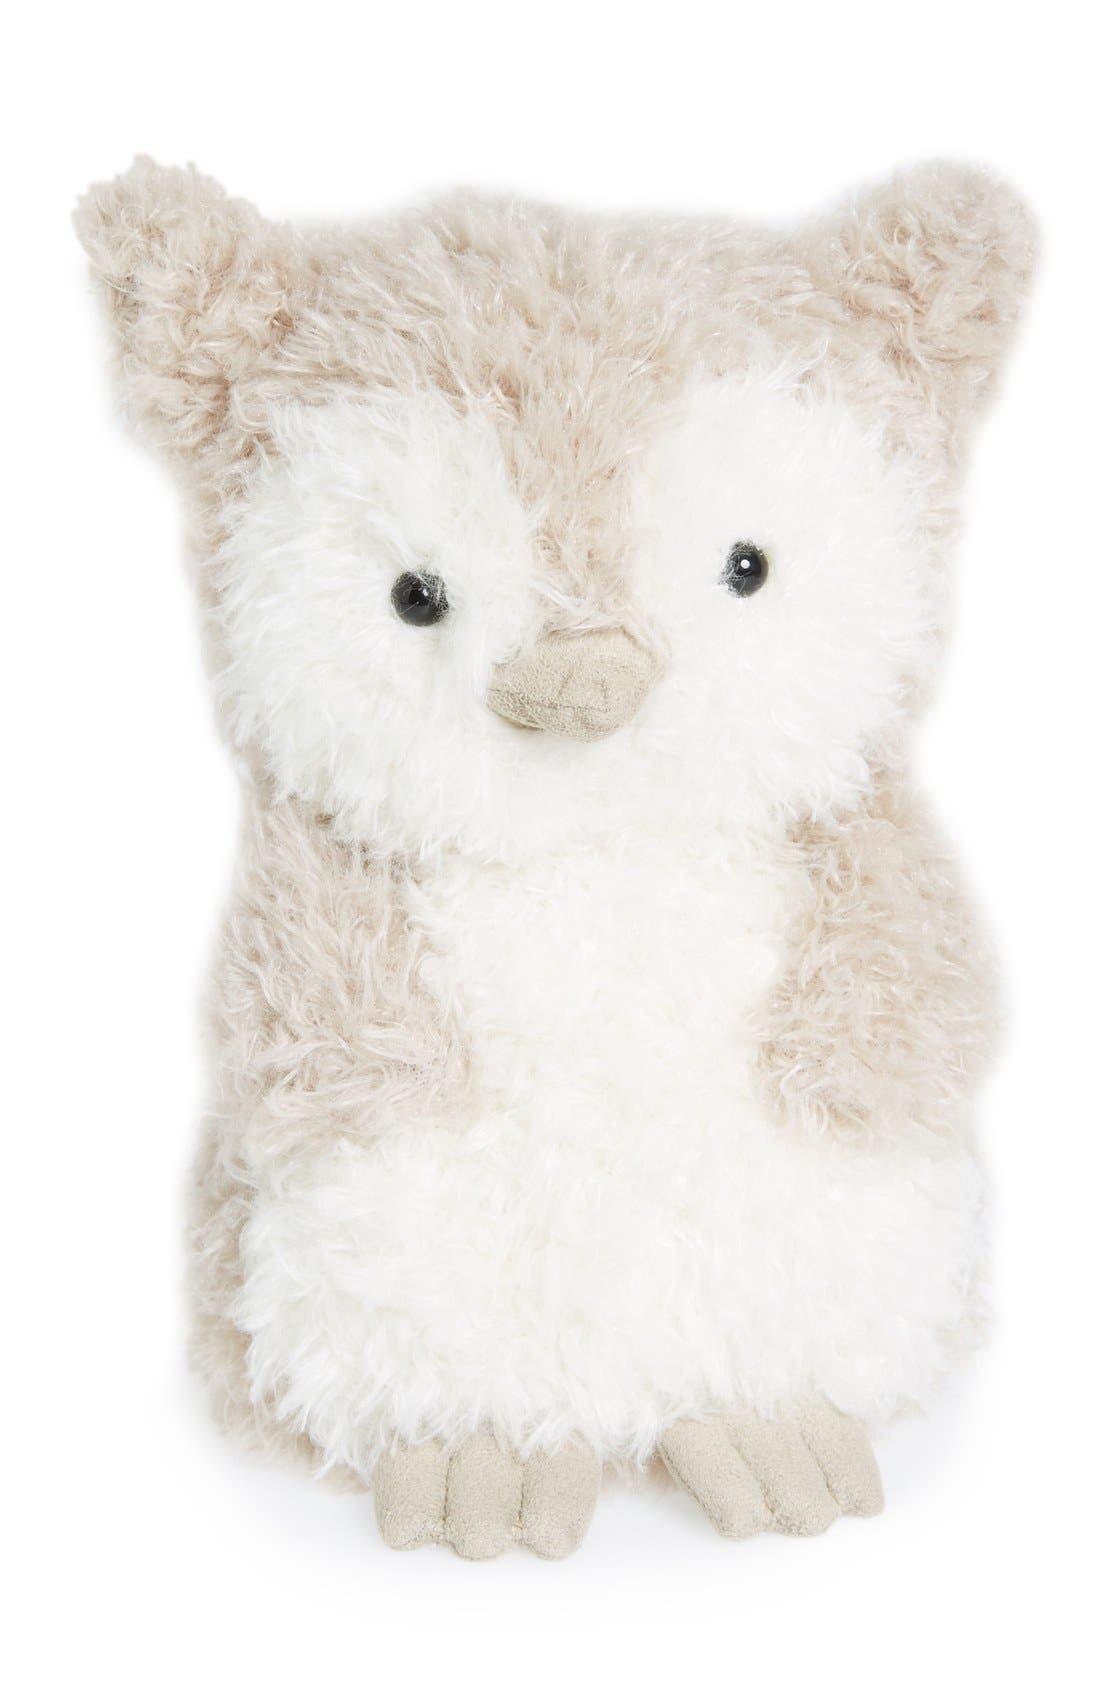 Main Image - Jellycat 'Wake Up Little Owl' Stuffed Animal